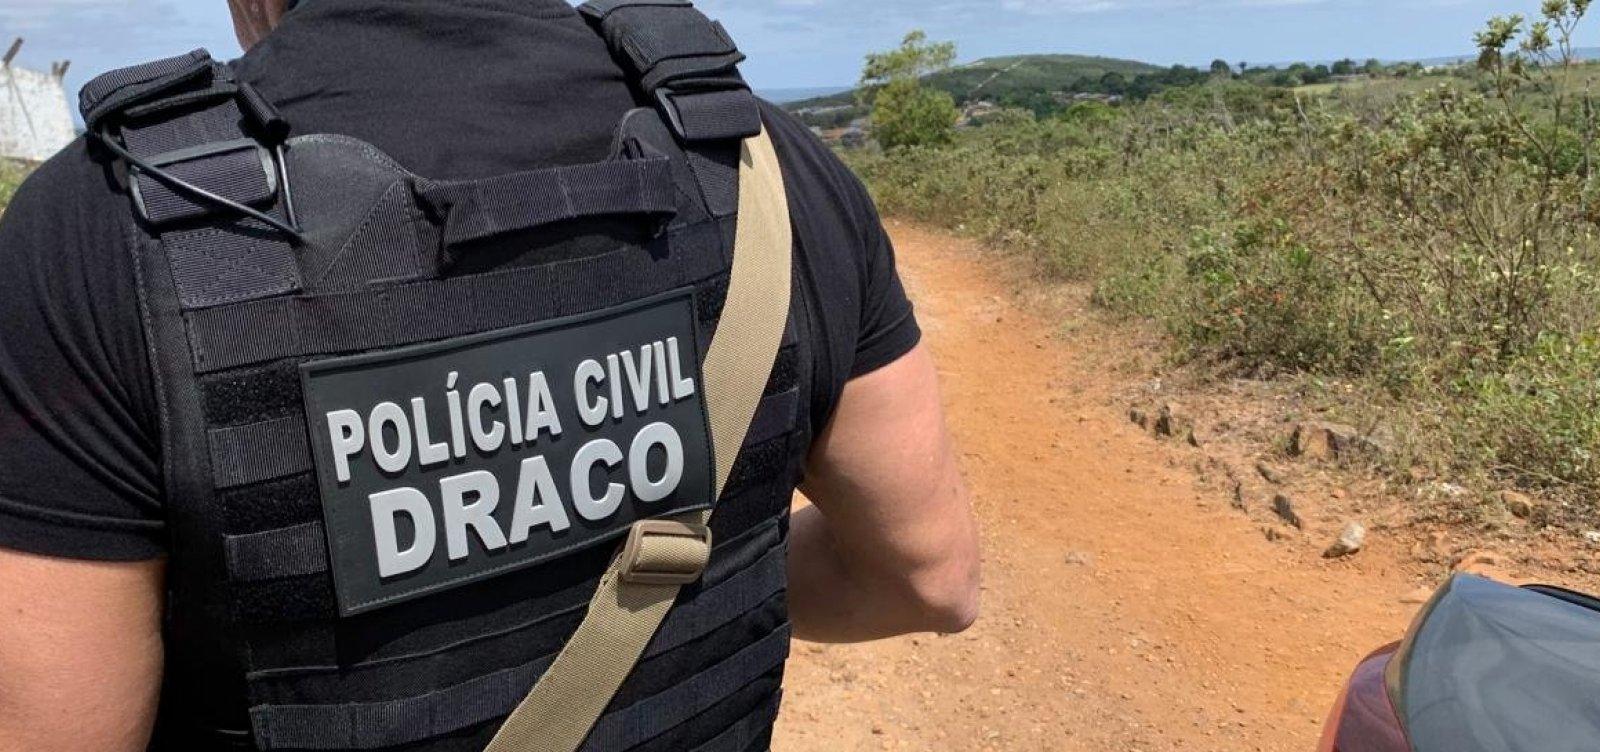 Irmãos suspeitos de tráfico internacional são mortos em confronto com a polícia em Barra